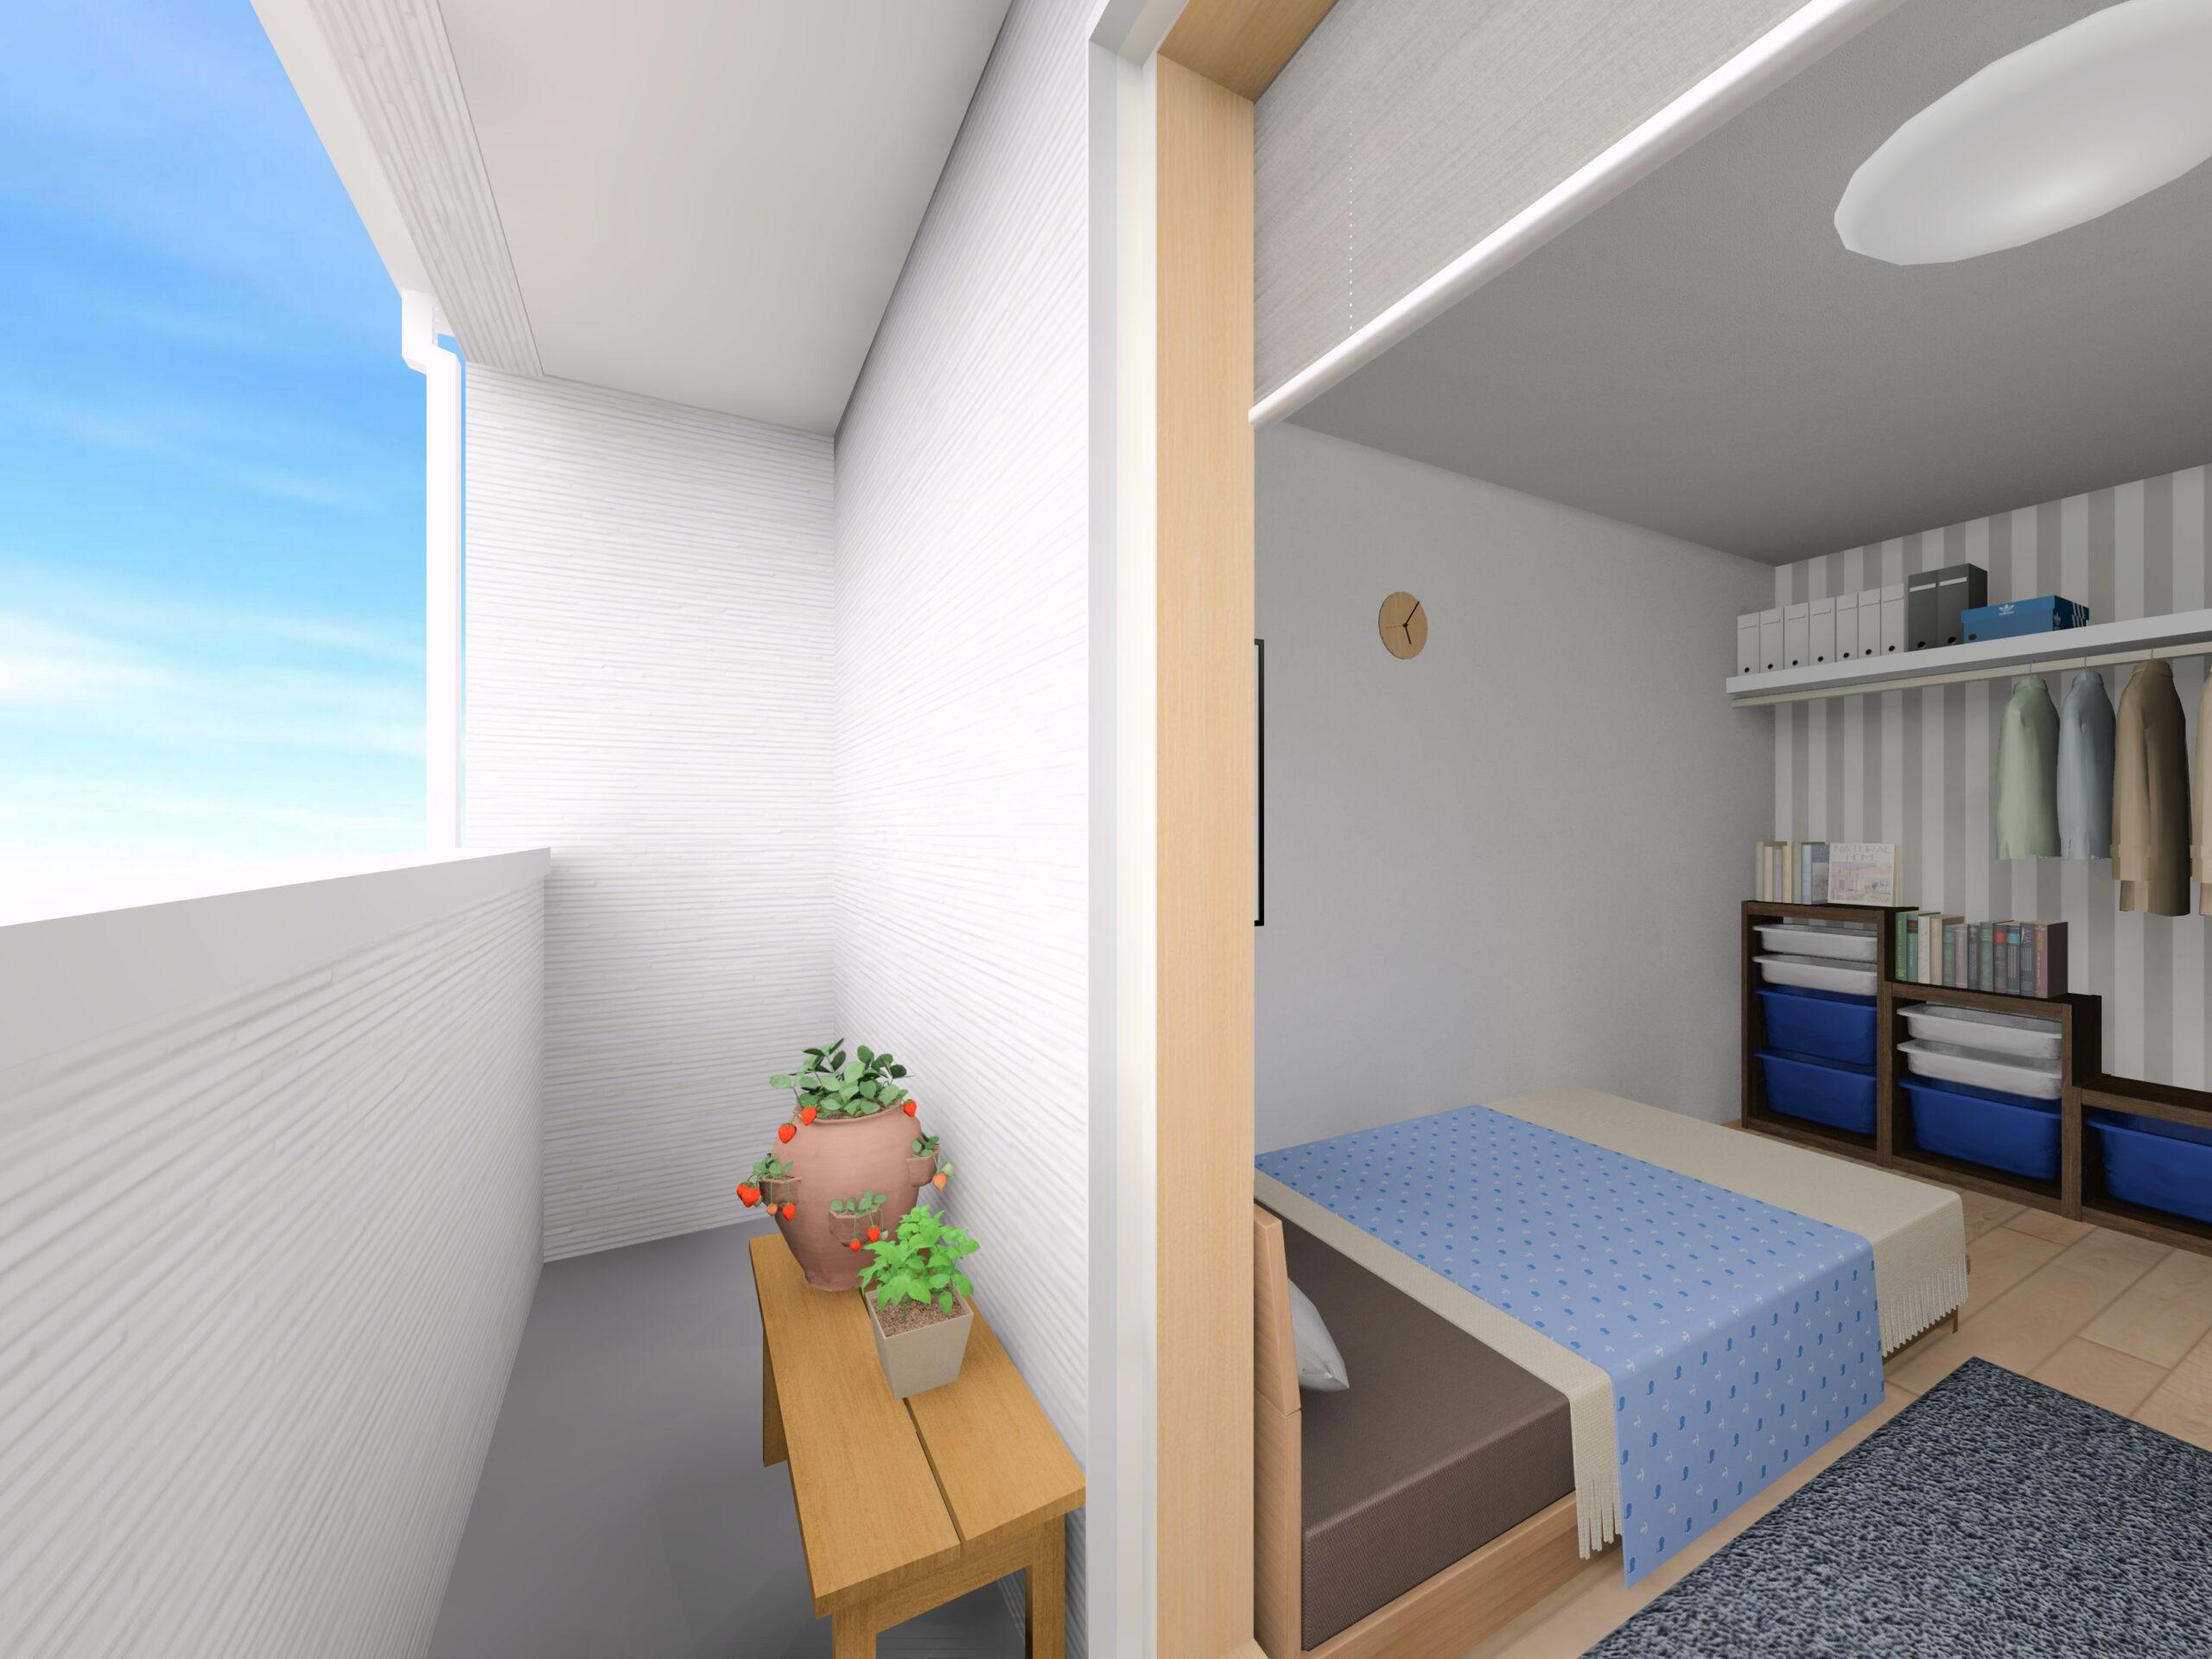 嬉野市新築建売住宅「OURS下野1号地」バルコニーパース